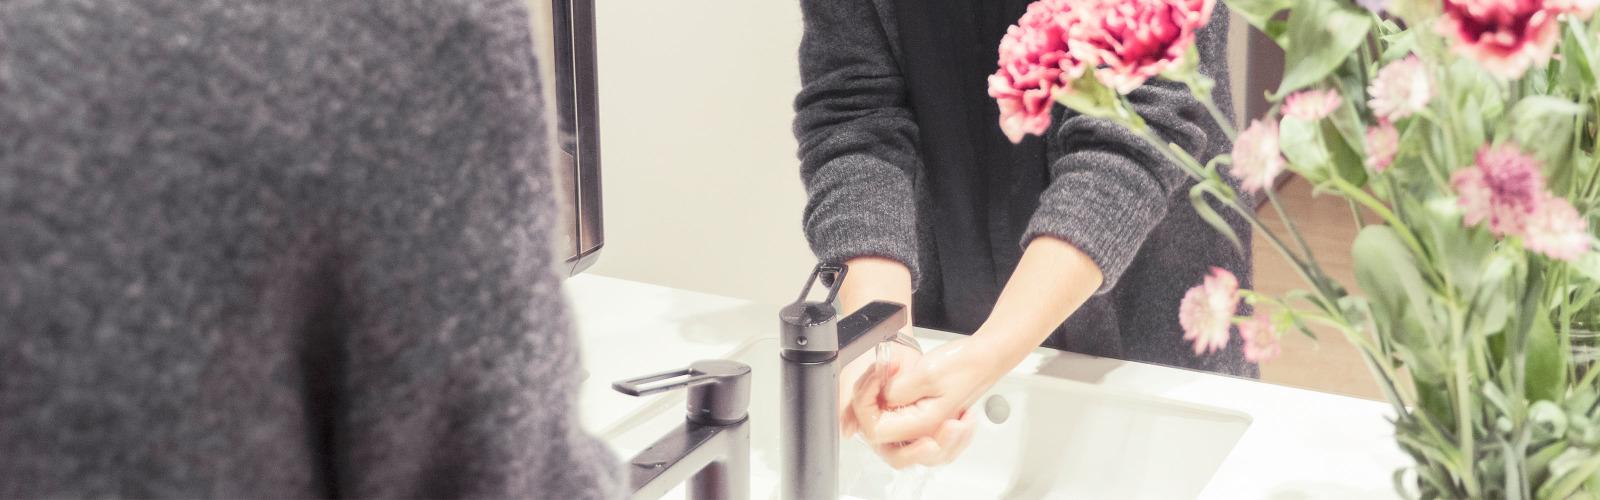 Helena_handwashing_original.tif